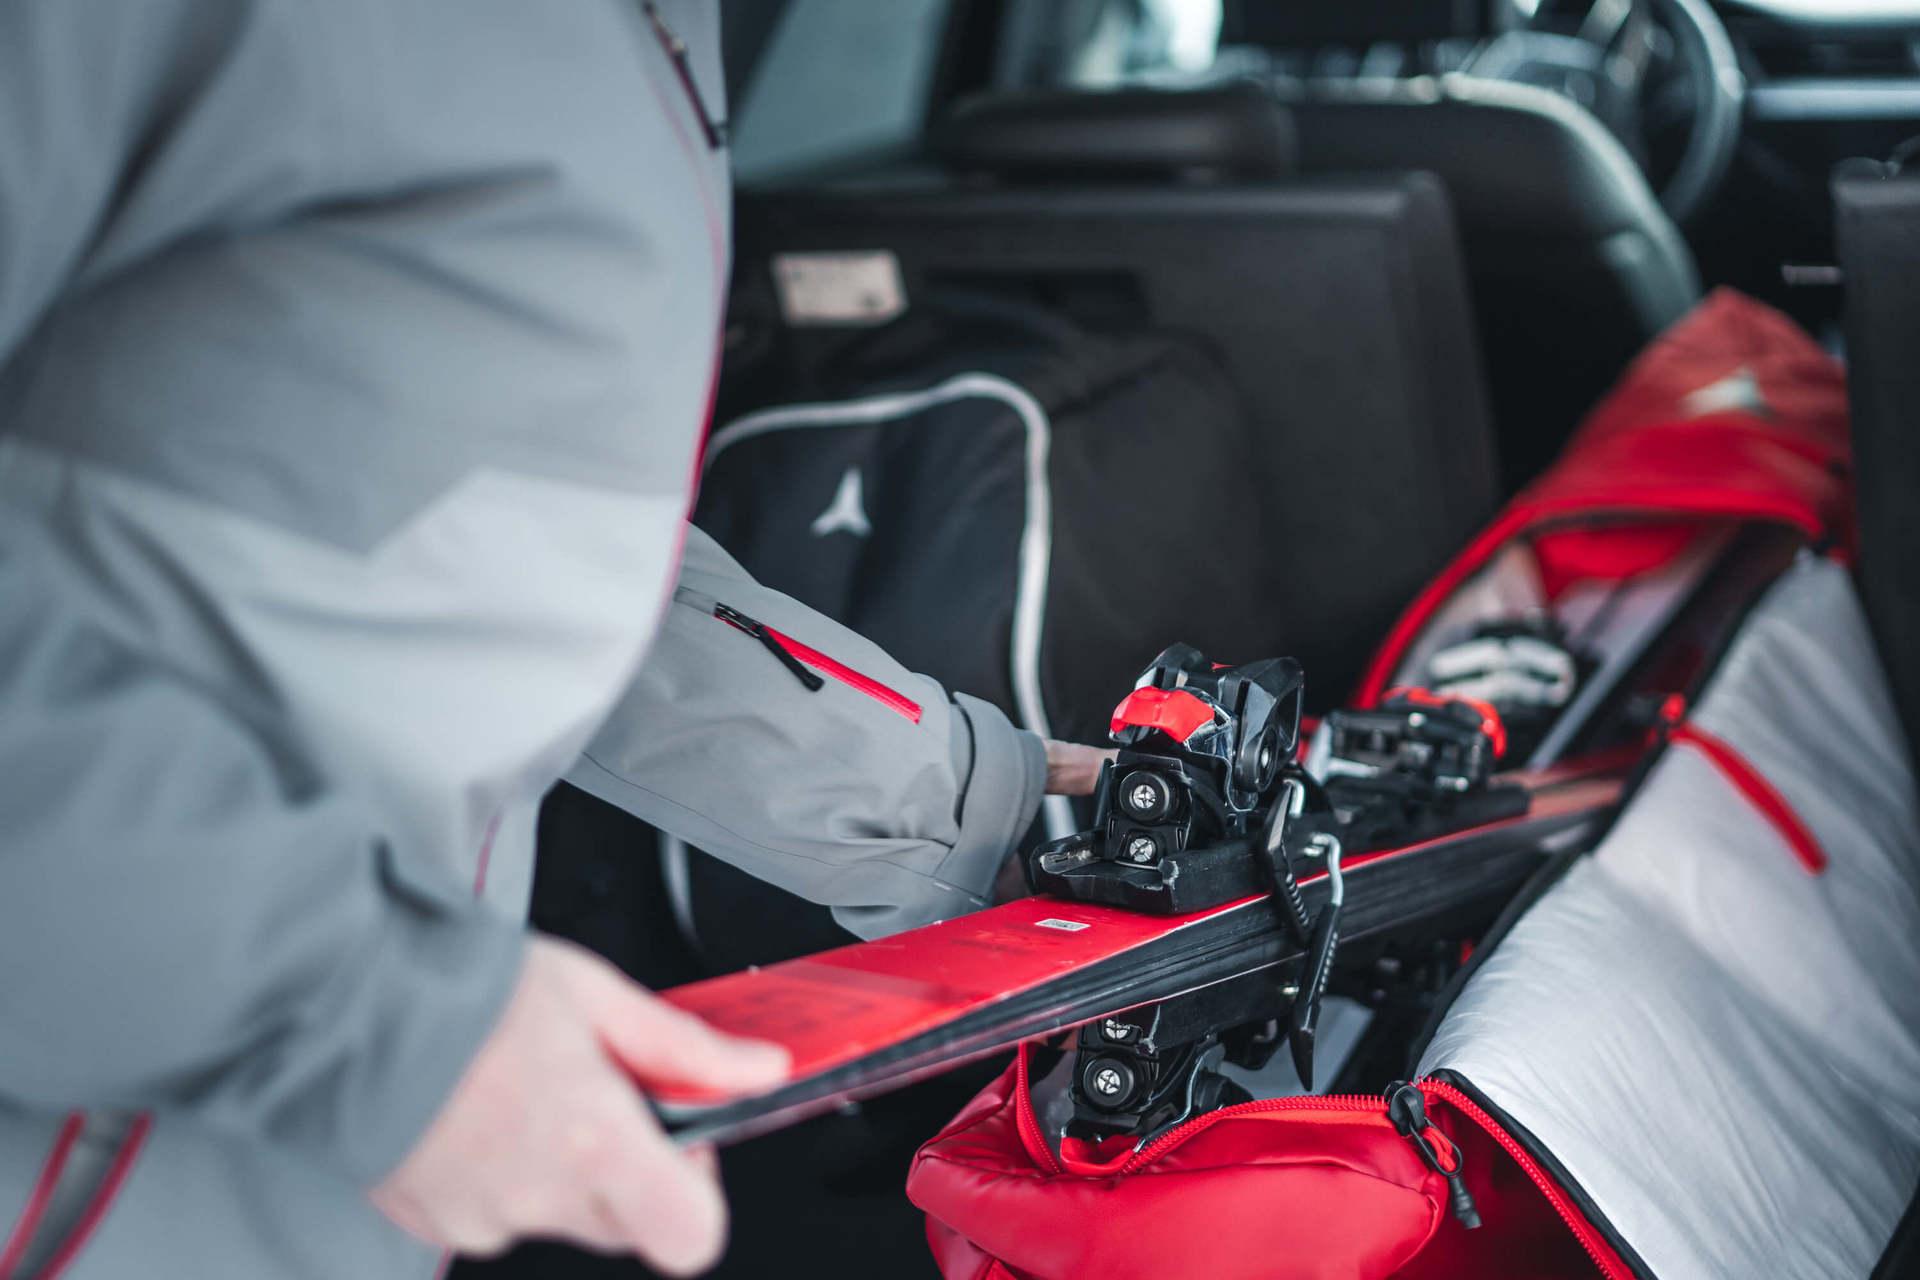 Trwały pokrowiec na narty - jak przedłużyć żywotność swojego sprzętu?